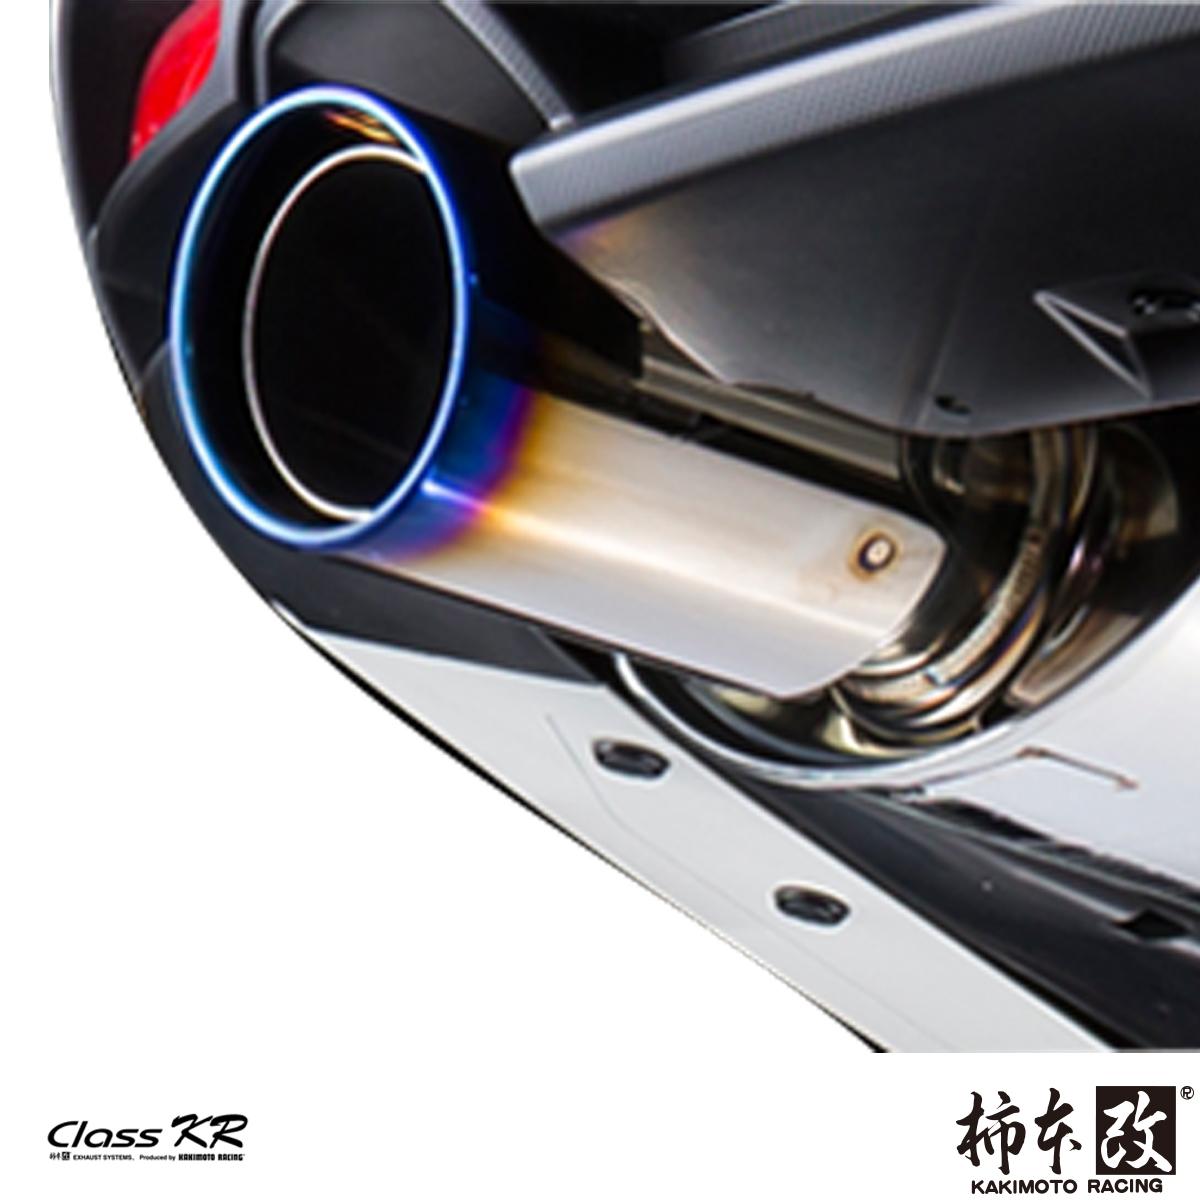 カムリ 柿本 改 マフラー 排気系パーツ DAA-AXVH70 T713162S RACING クラスKR KR カーショップのみ発送可能 大幅にプライスダウン KAKIMOTO 百貨店 Class